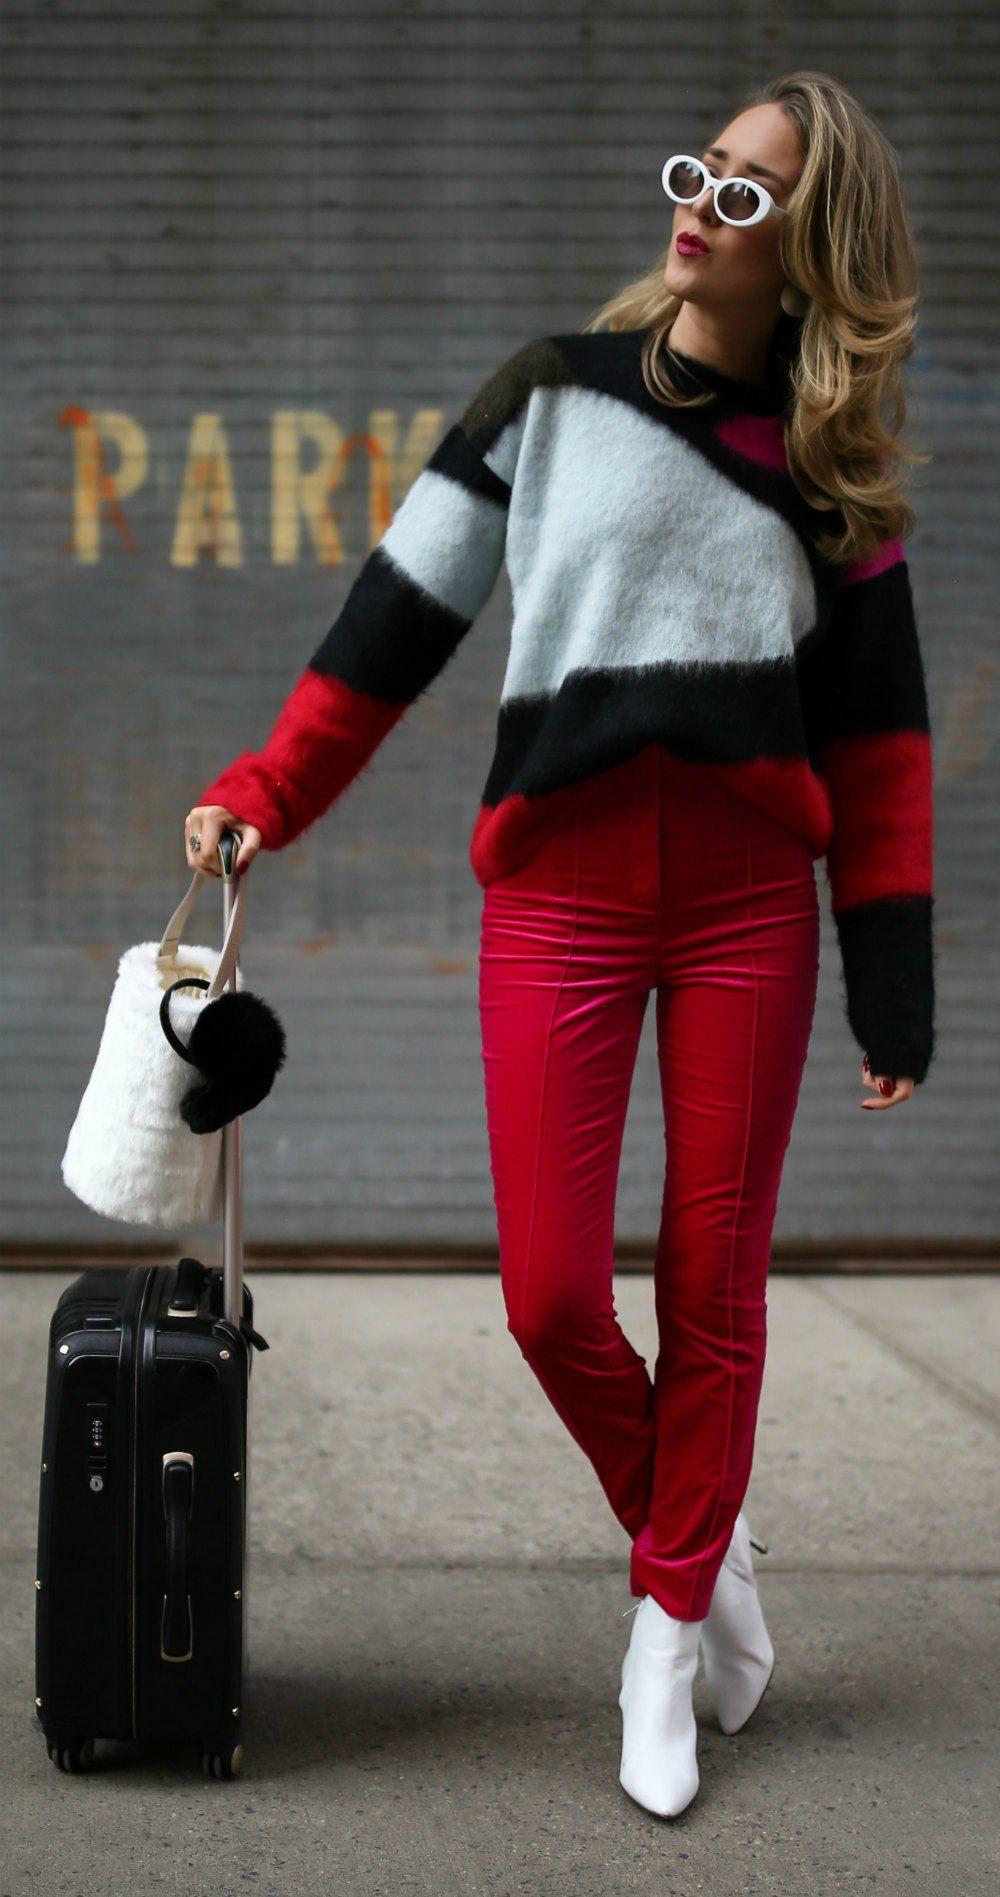 2e650deccfd9b 12 Stylish Ski Trip Essentials // Black red white color block sweater, hot  pink